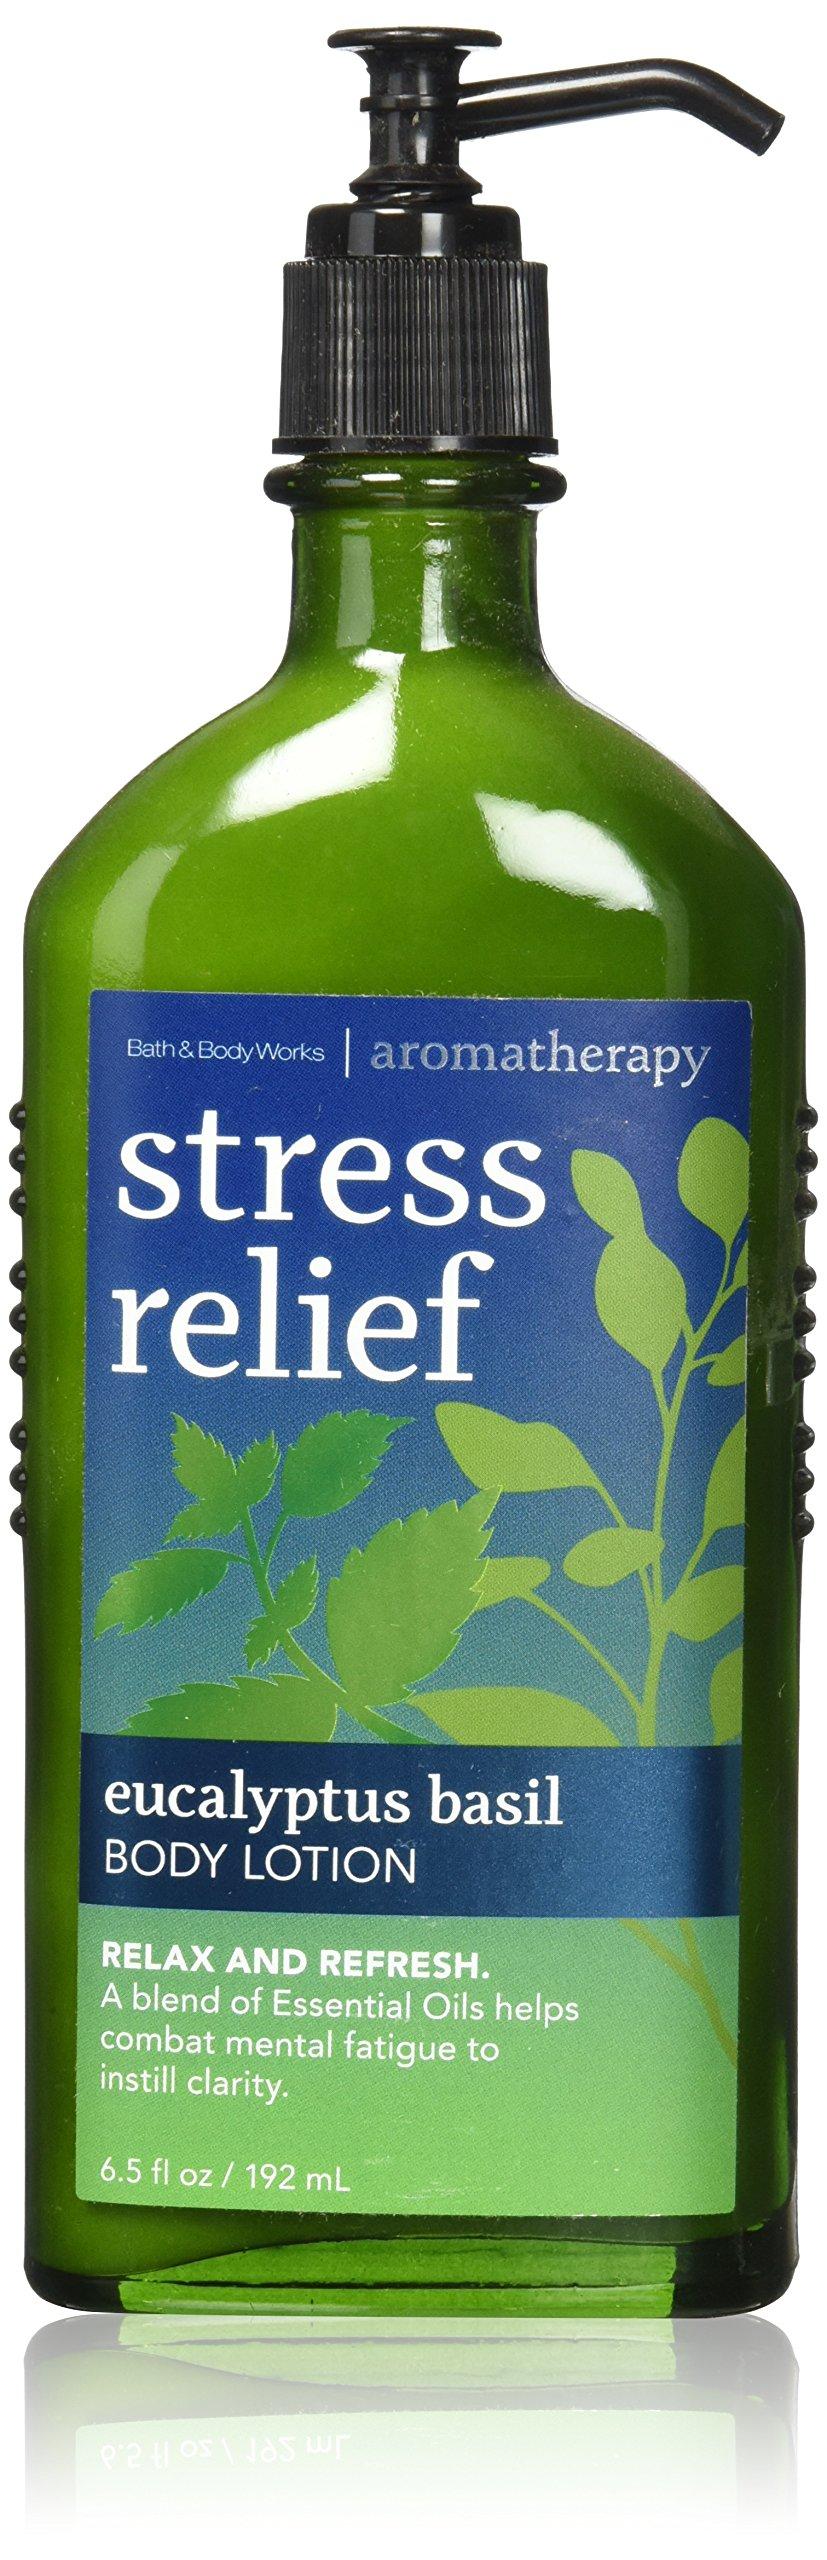 Bath & Body Works Aromatherapy Stress Relief Eucalyptus Basil Body Lotion 6.5 Oz. by Bath & Body Works